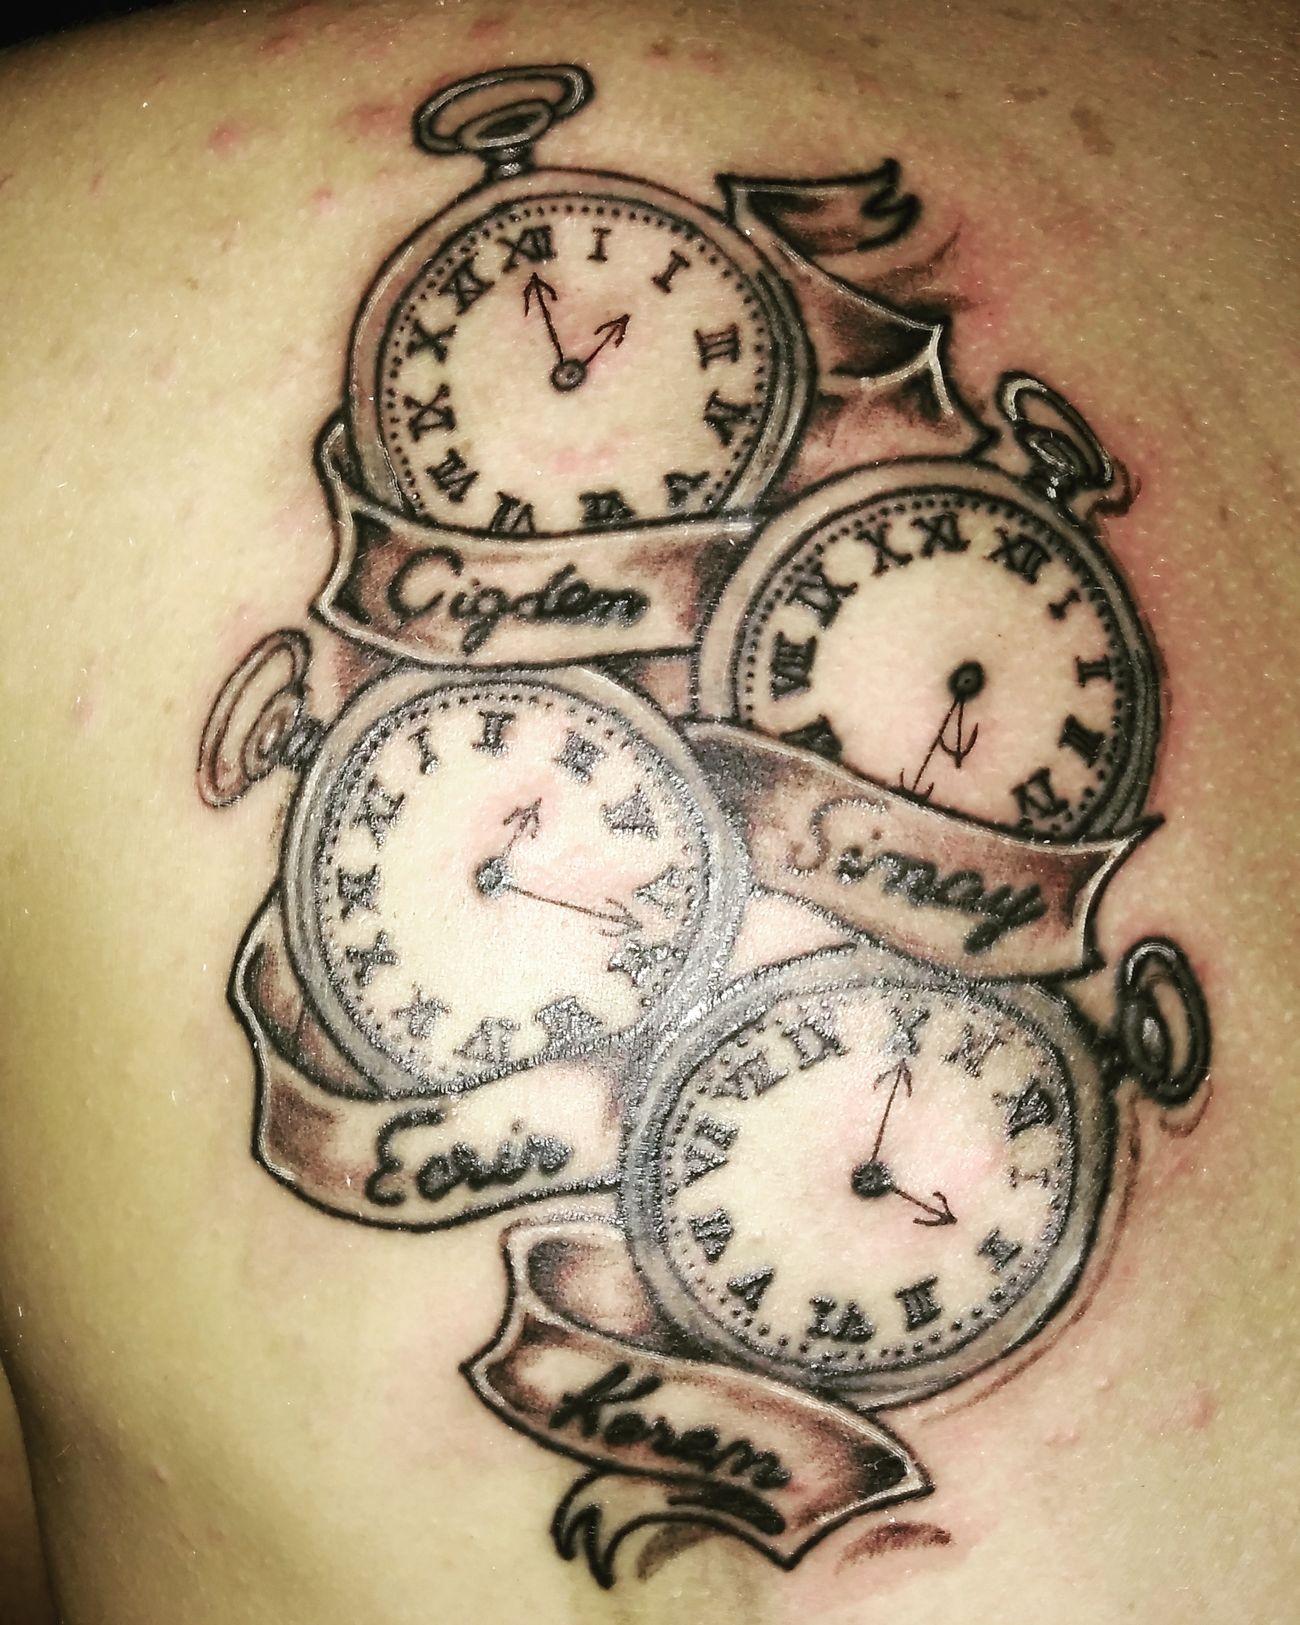 İnstagram dan ulaşabilirsiniz @pigmenttaatoo Uygun Fiyata Dövme Yapılır Bostancı Pigmenttatoo Tattooartist  Working Hard Dövmeci Tattoolowe Kadıköyistanbul Anadoluyakası Istanbuldayasam Tattoo ❤ Black And White